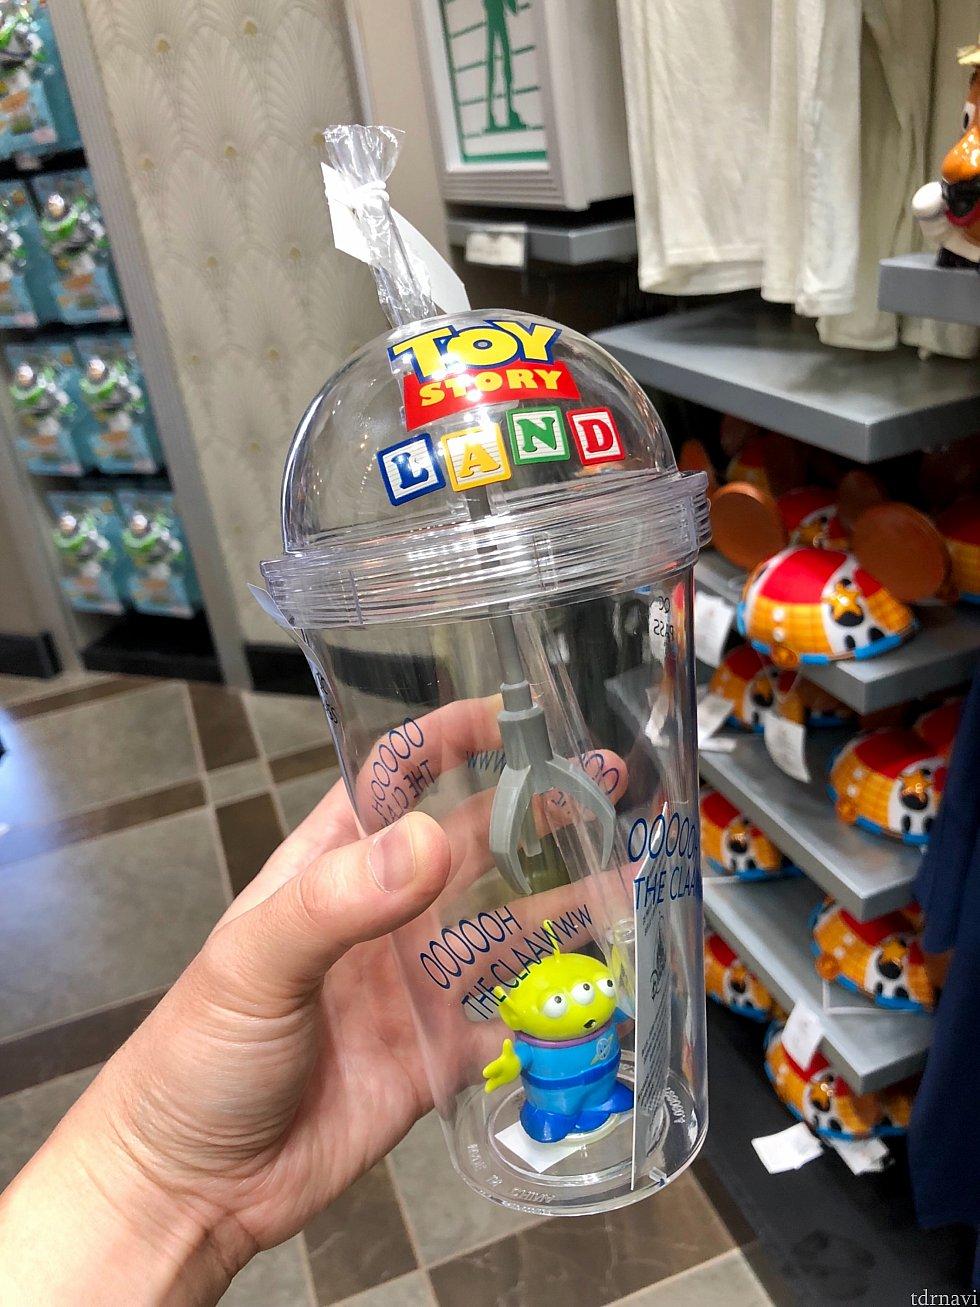 これも良かった!グリーンエイリアンが中に入ったドリンクカップ。ちゃんとClawだって付いているんです!